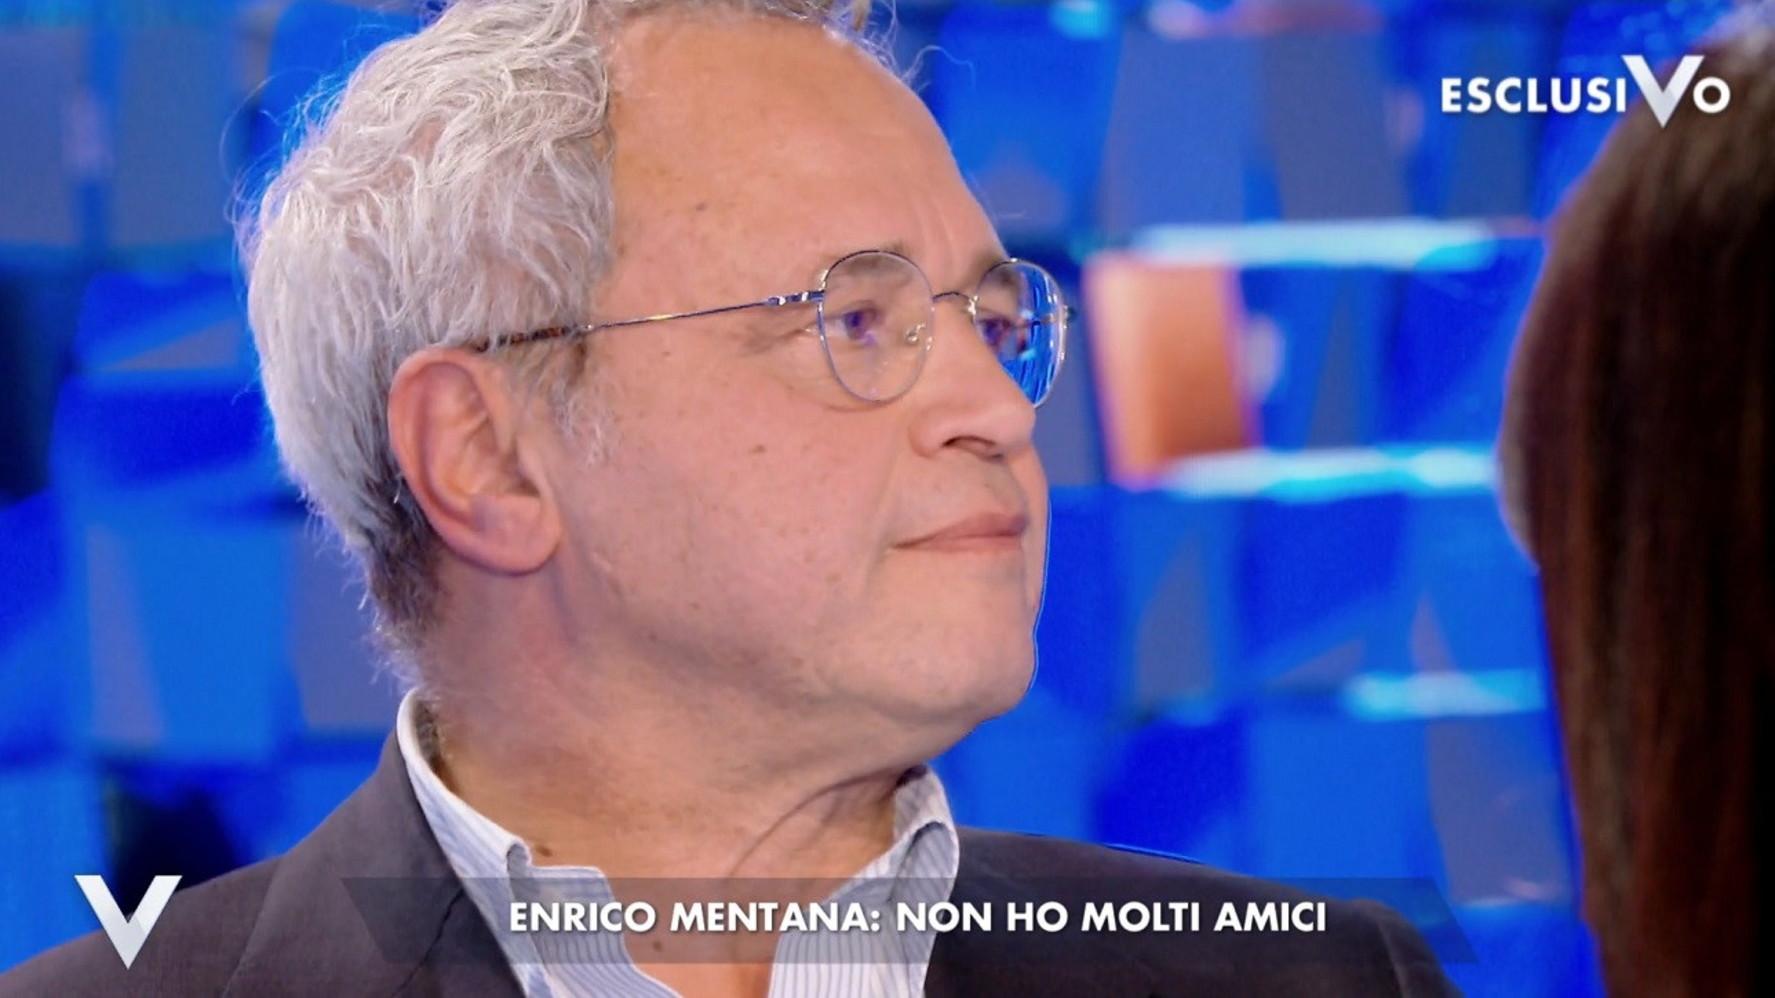 Enrico Mentana a